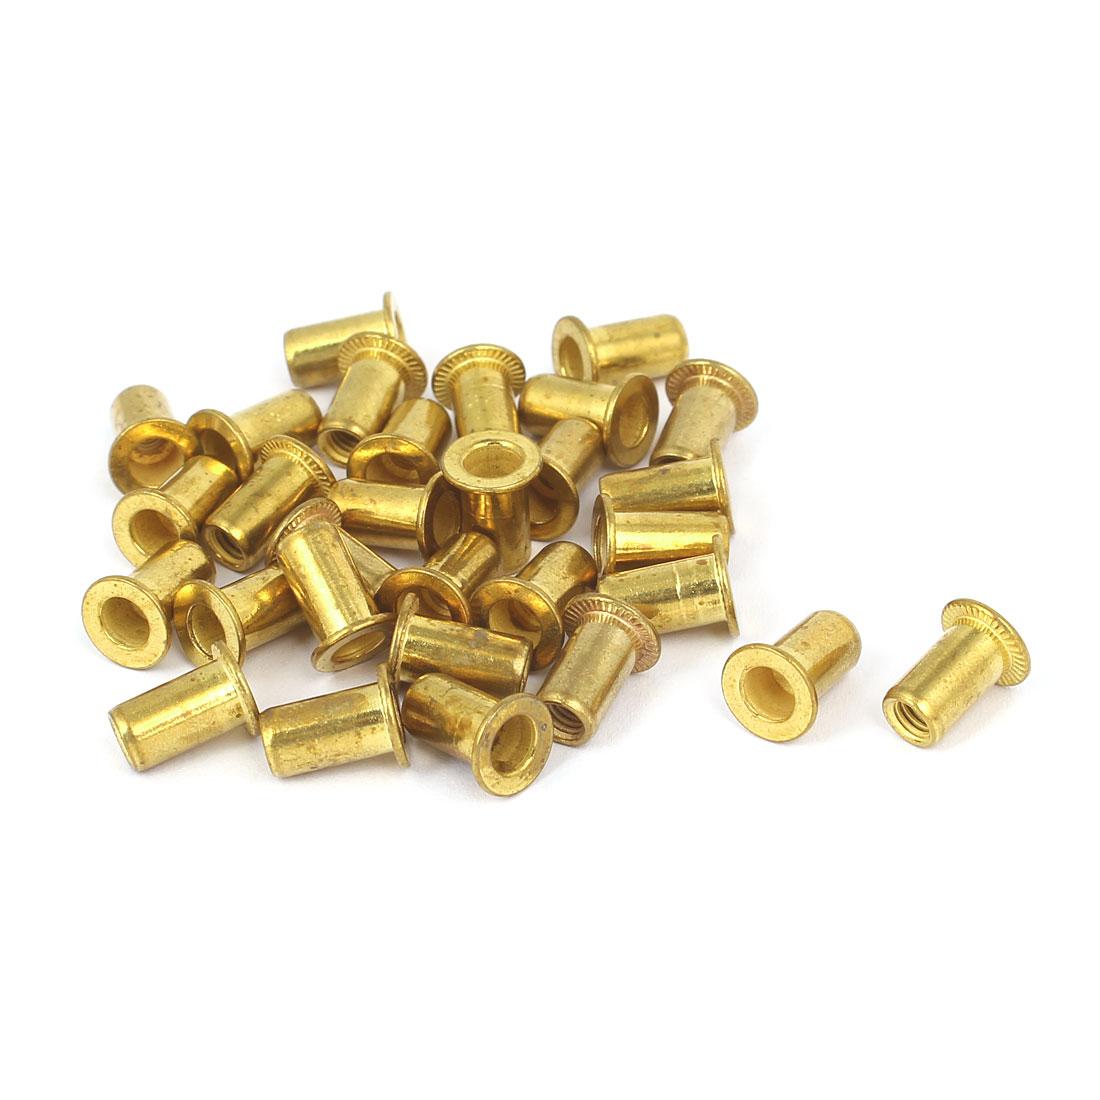 Furniture Brass Flat Head Rivet Nut Insert Nutsert M4 Thread Dia 11mm Long 30pcs